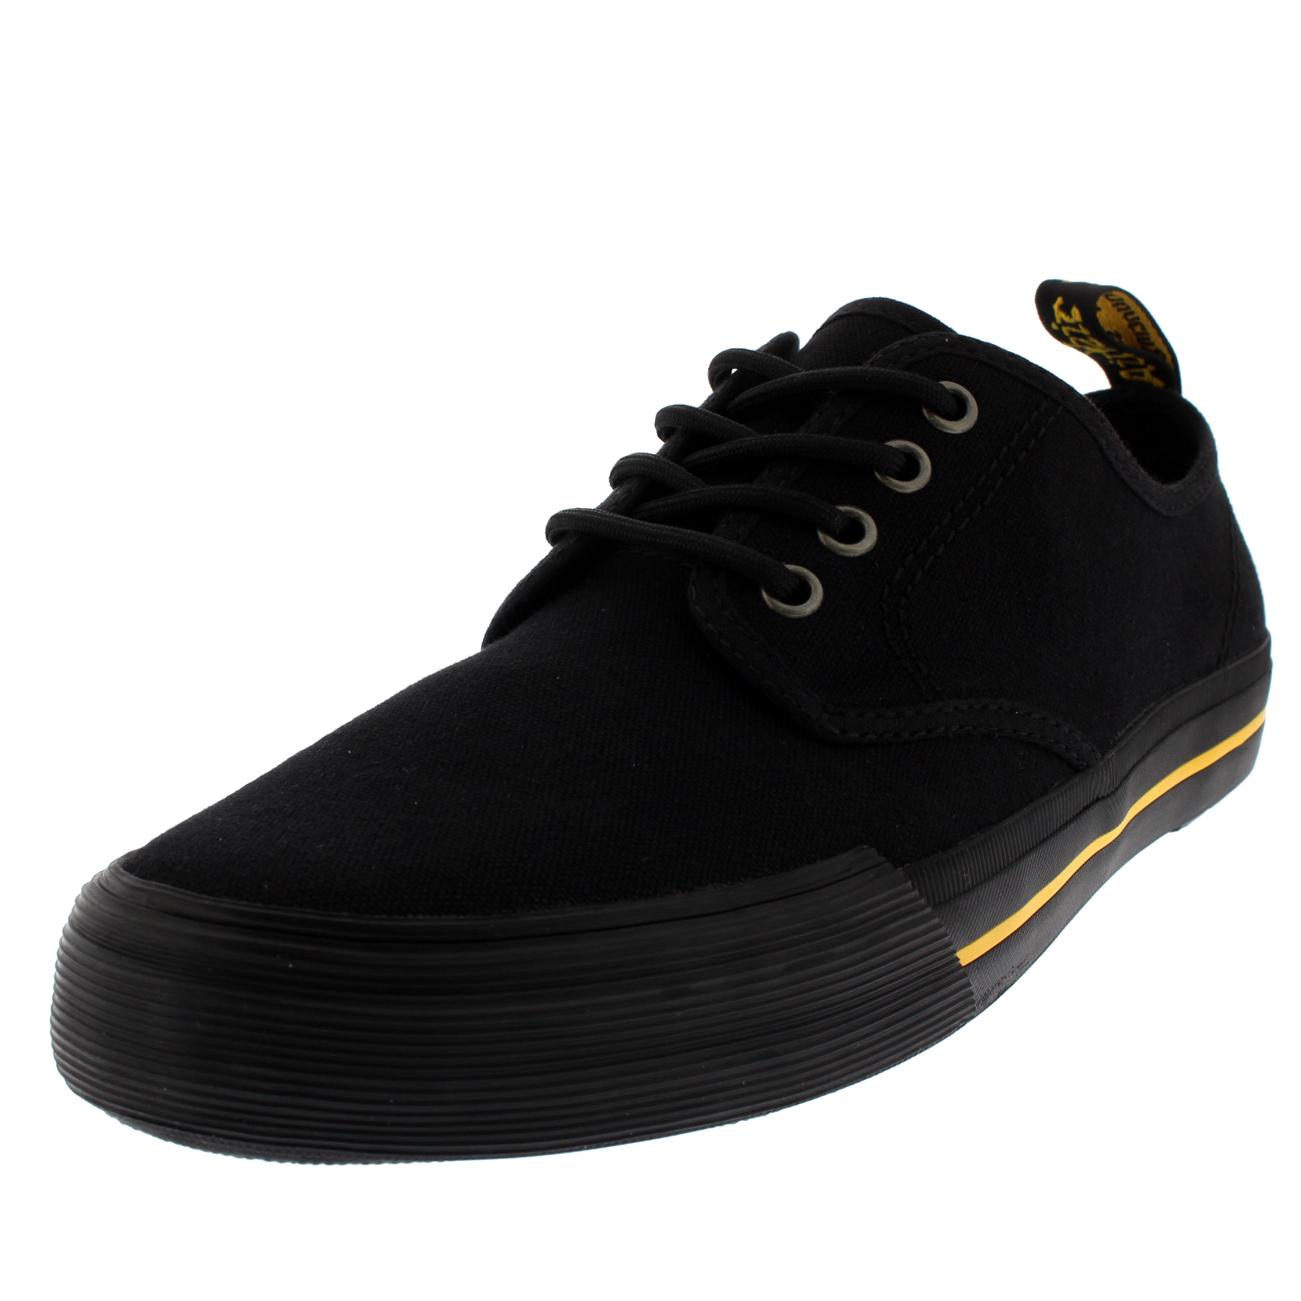 Dr. Martens Men's Pressler Canvas Lace Shoes - - UK 7 0qrx1